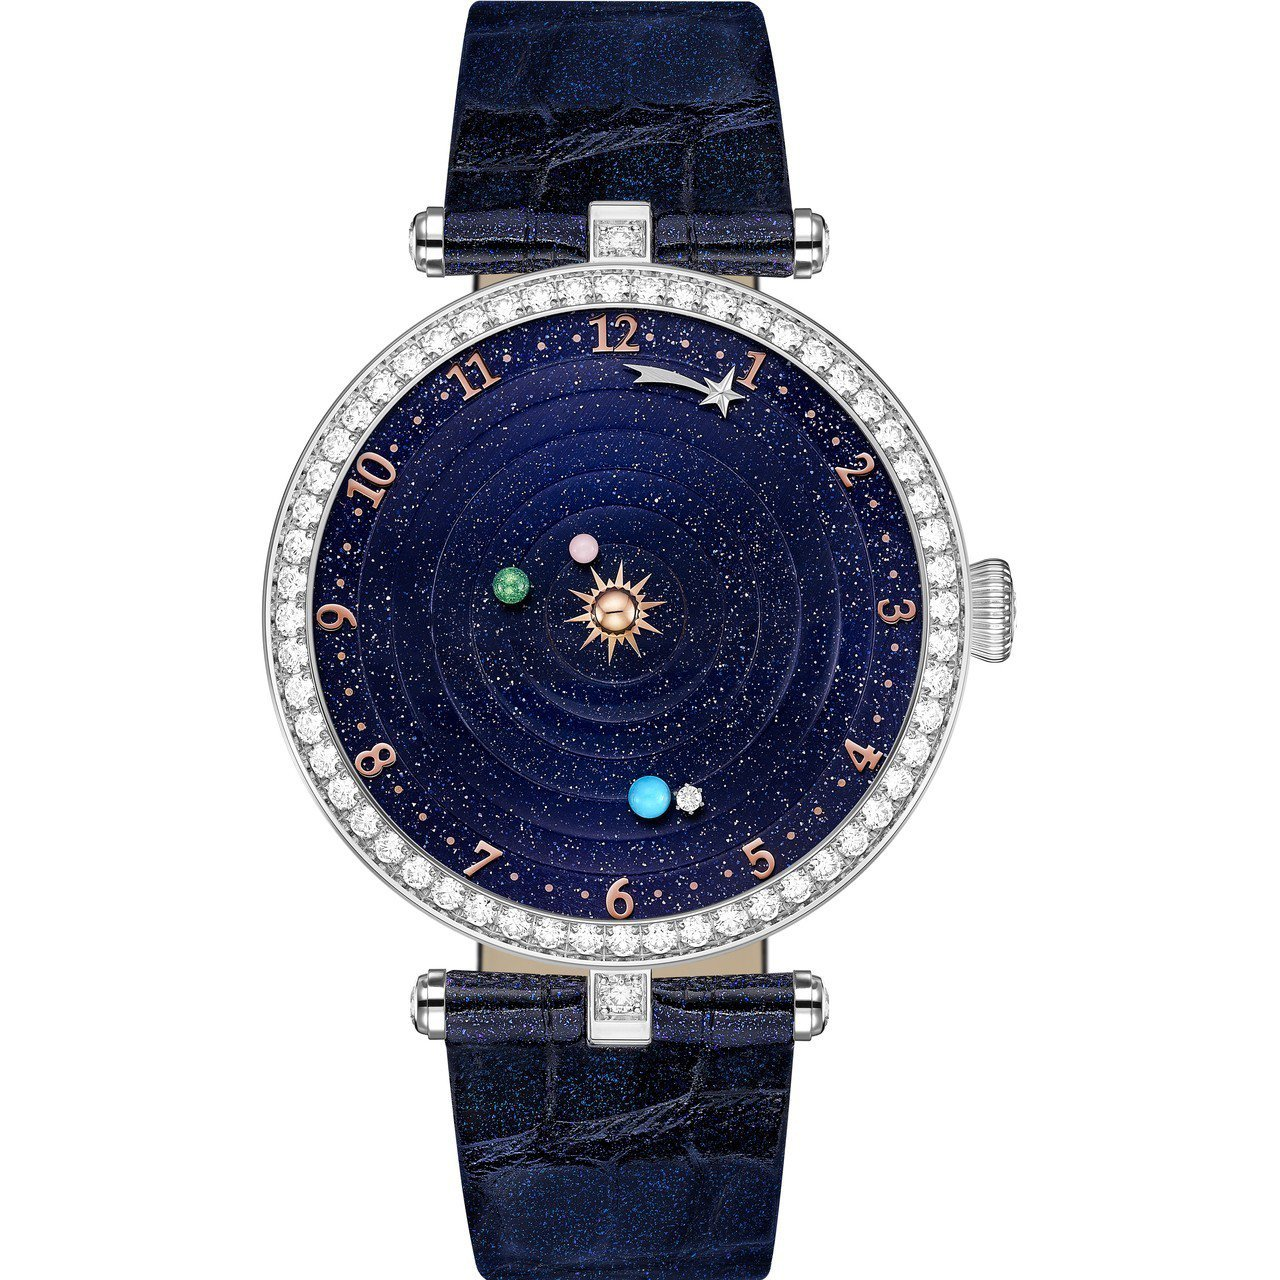 最佳複雜功能女表為梵克雅寶Lady Arpels Planétarium腕表,價...